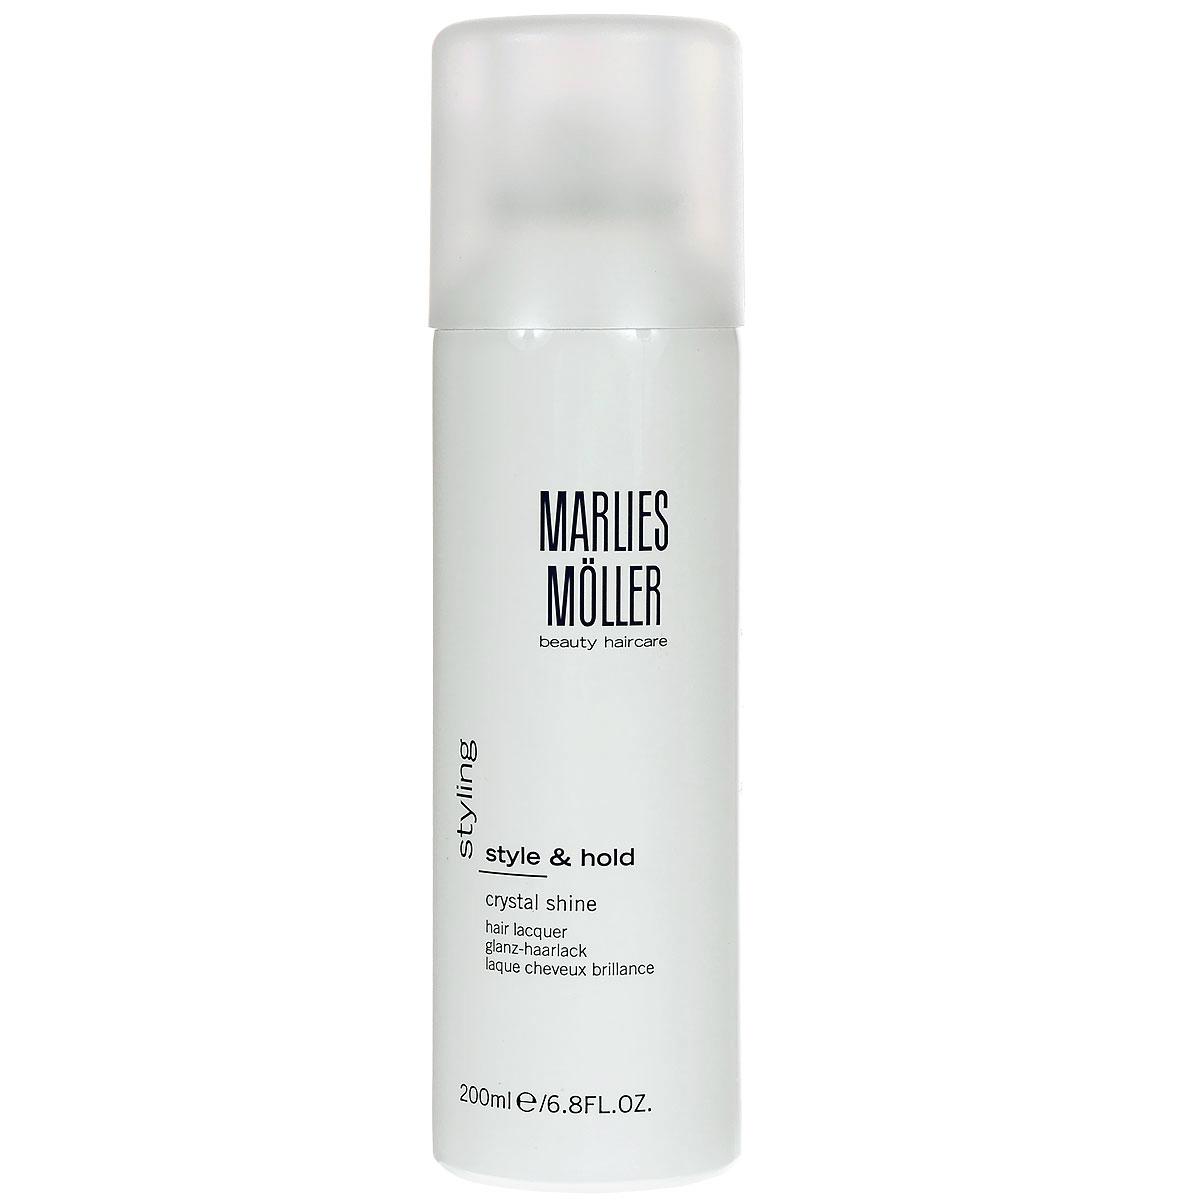 Marlies Moller Лак Styling для волос, кристальный блеск, 200 мл